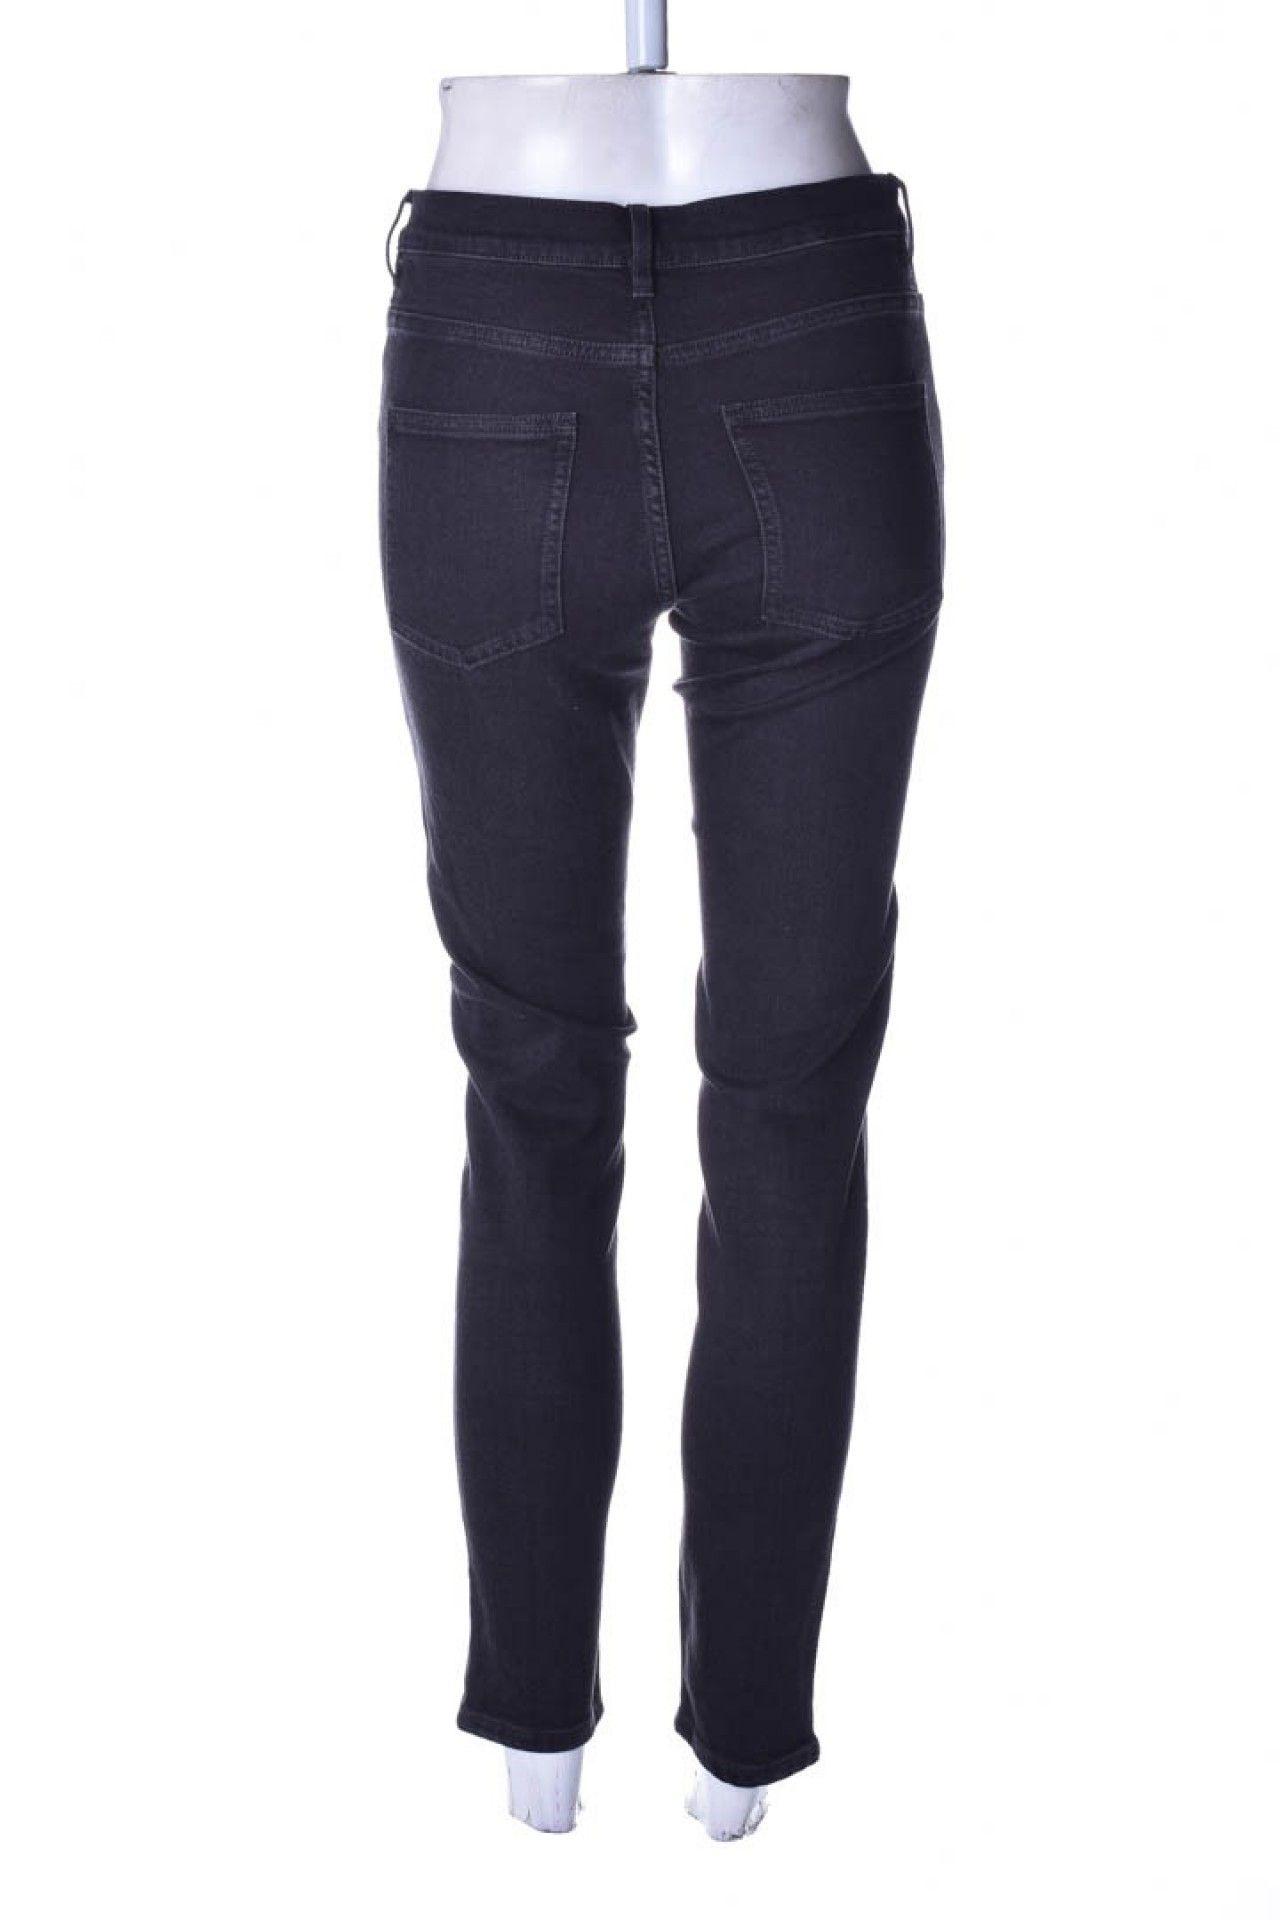 Cos - Calça Jeans Preta  - Foto 3